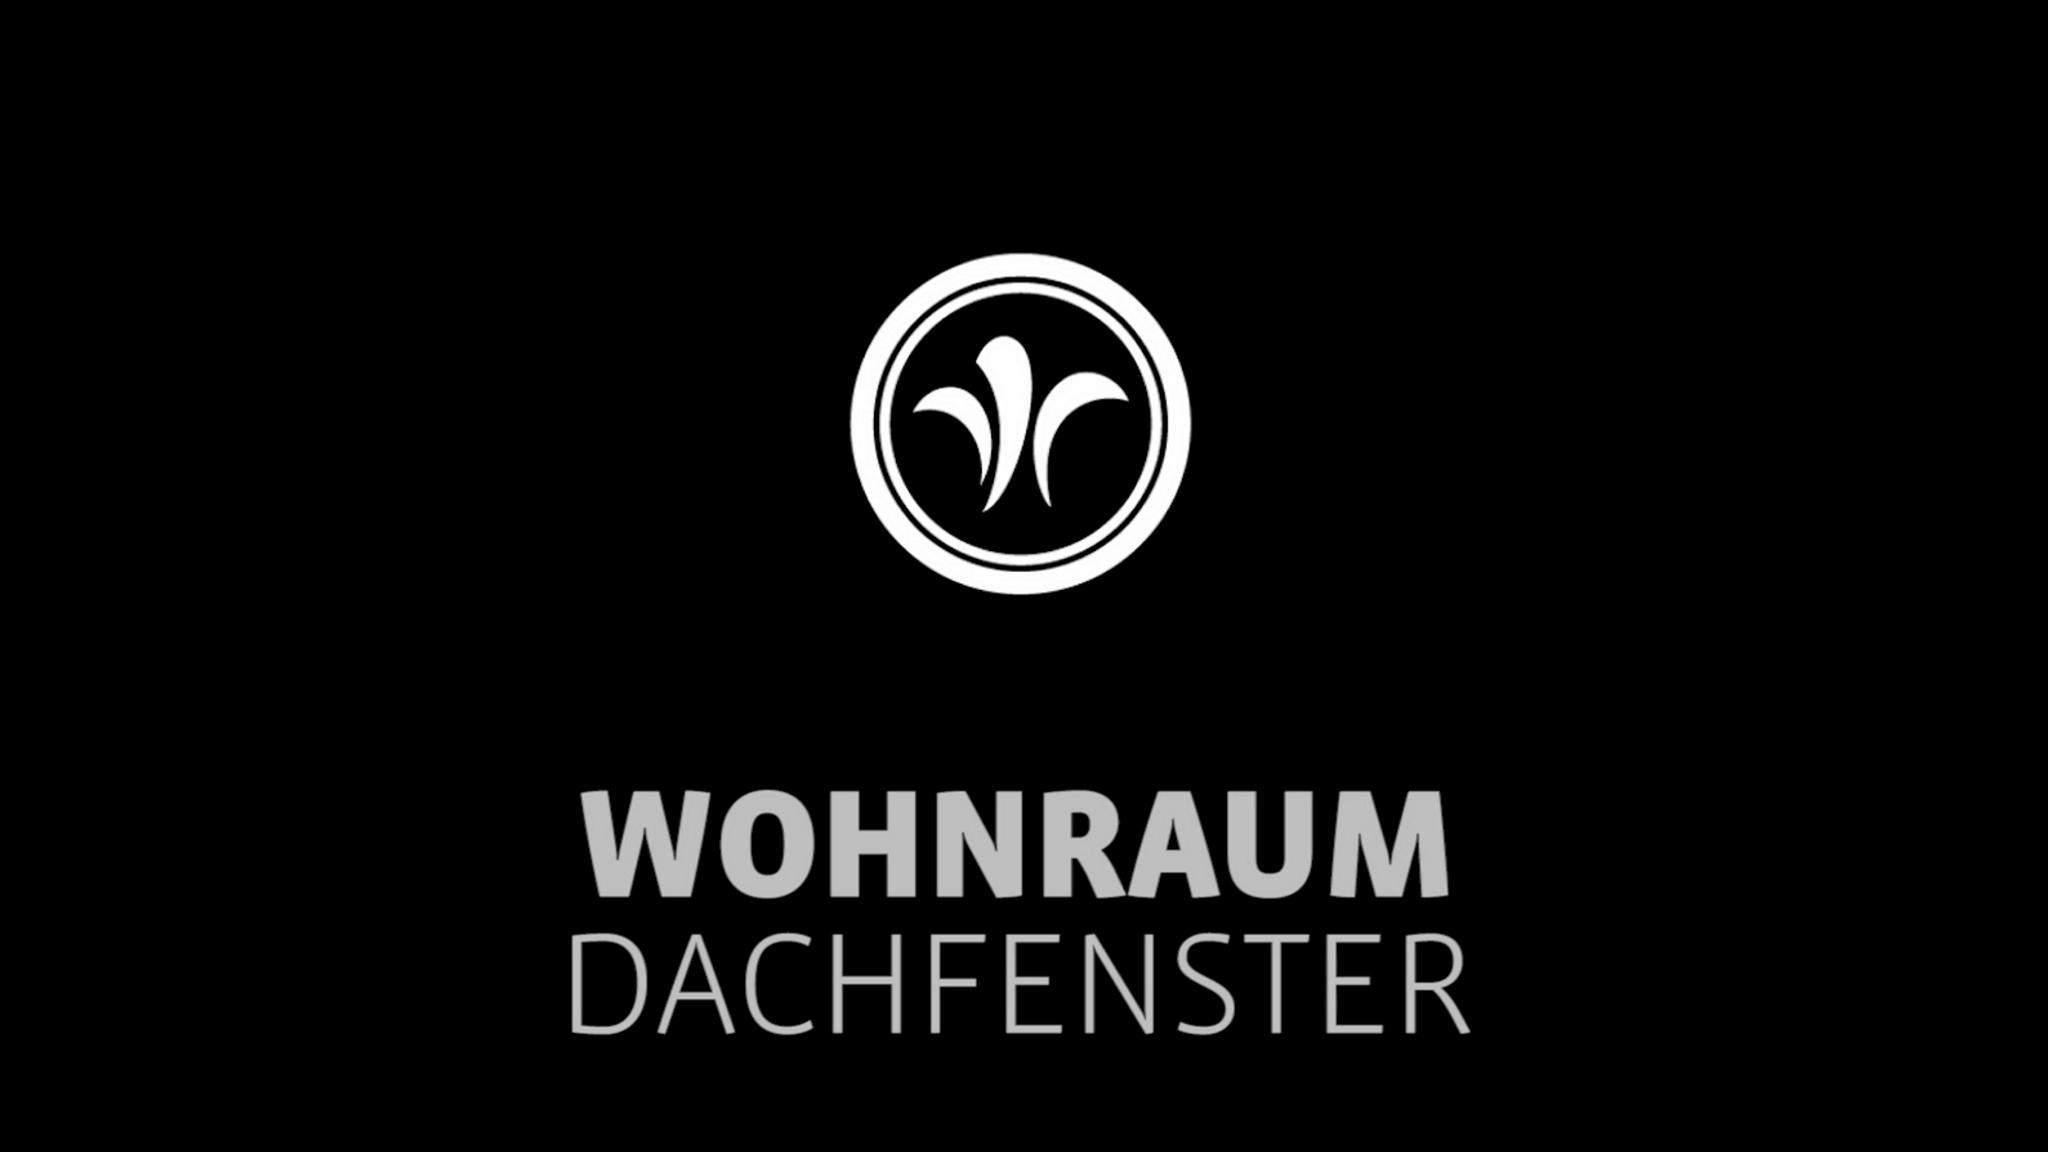 Wohnmobil Dachfenster // Niesmann+Bischoff – Reisemobil (Modell ARTO) // 2019 // WO8